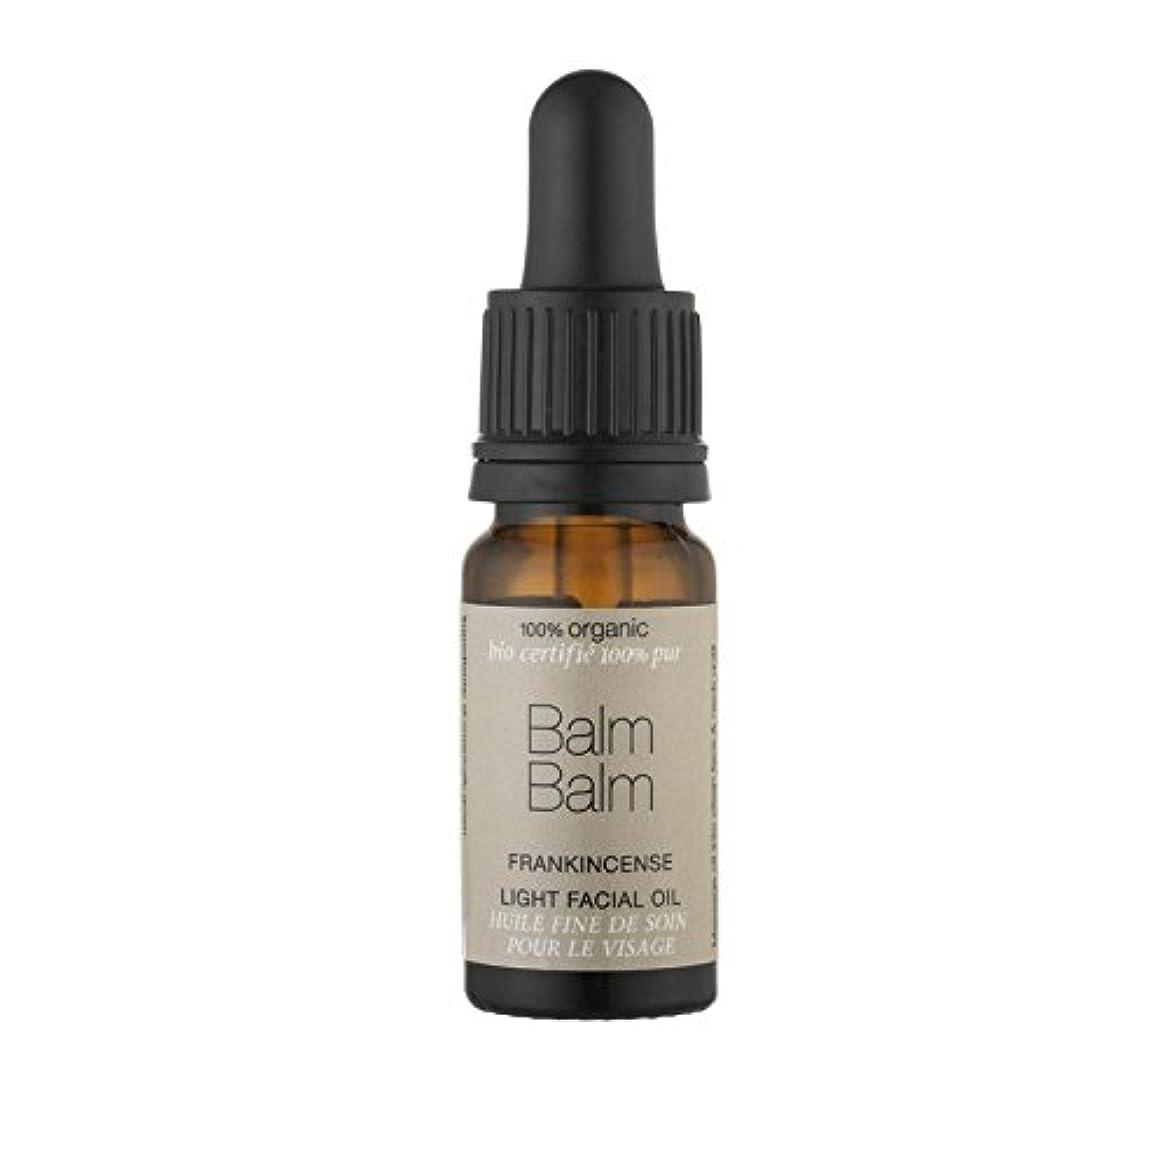 厳選択するそこからBalm Balm Frankincense Organic Light Facial Oil 30ml - バームバーム乳香有機光フェイシャルオイル30ミリリットル [並行輸入品]